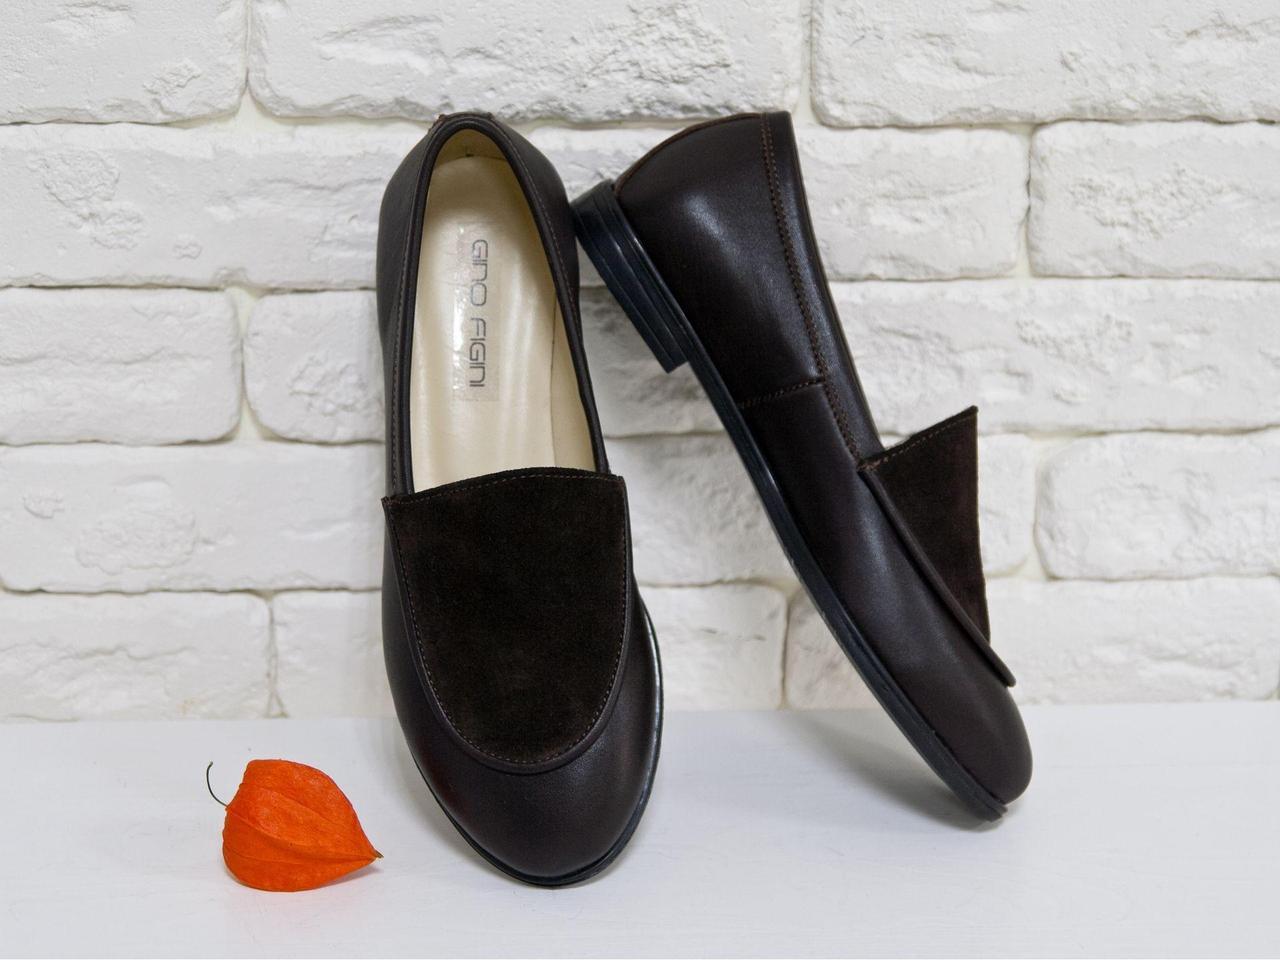 Облегченные туфли из натуральной кожи и замши шоколодного цвета с отстрочкой, Коллекция Весна-Осень, Т-17060